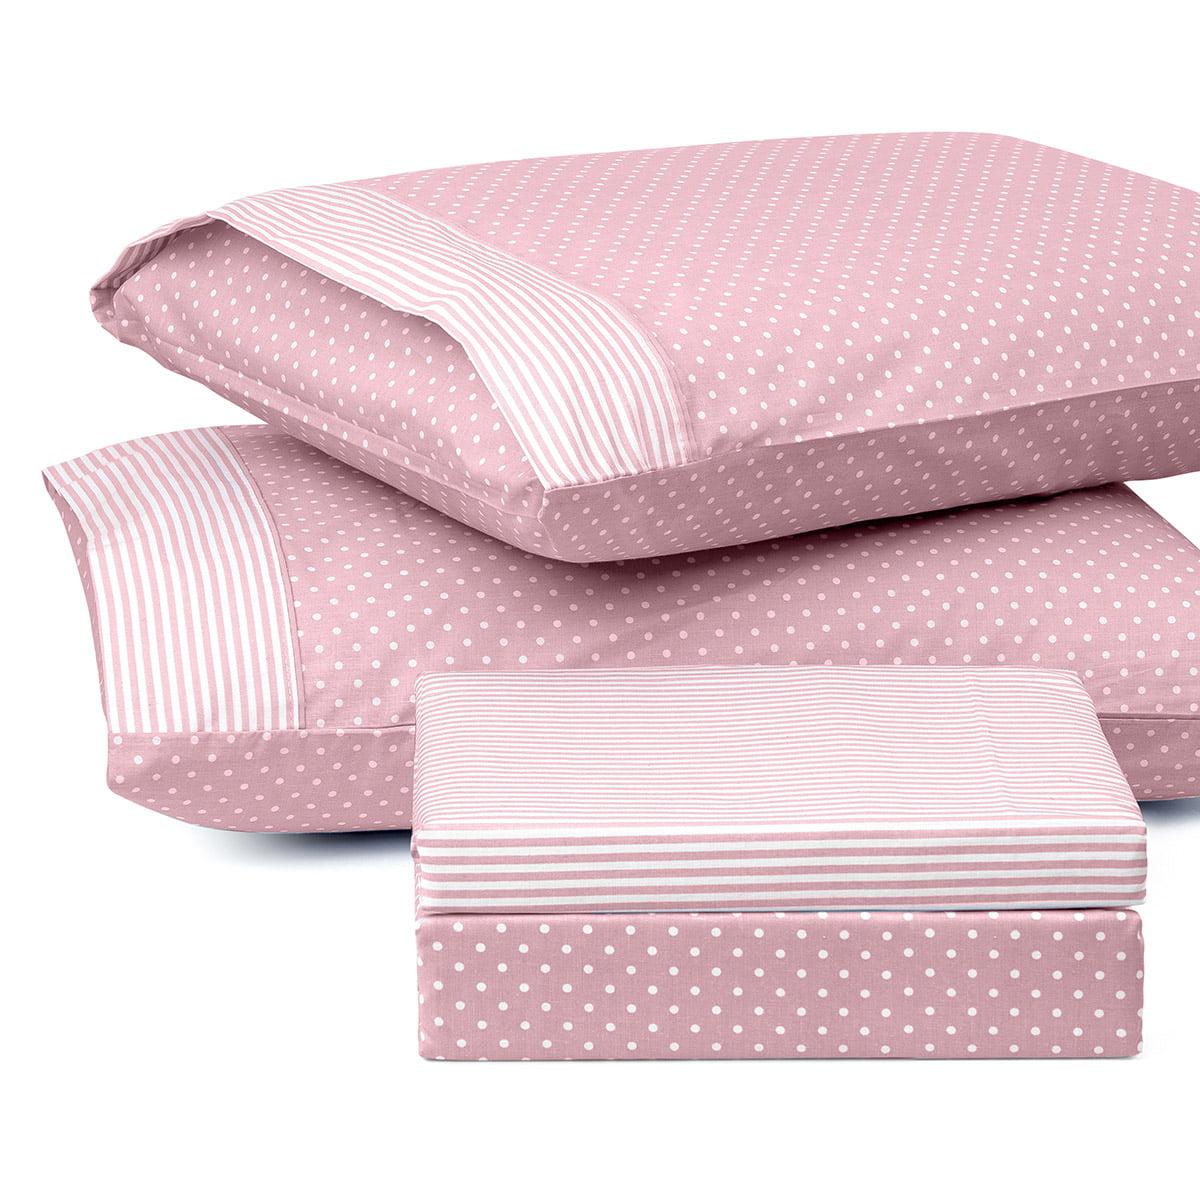 Σετ κουβερλί μονό πουά JOY Art 1680 160x240 Ροζ Beauty Home